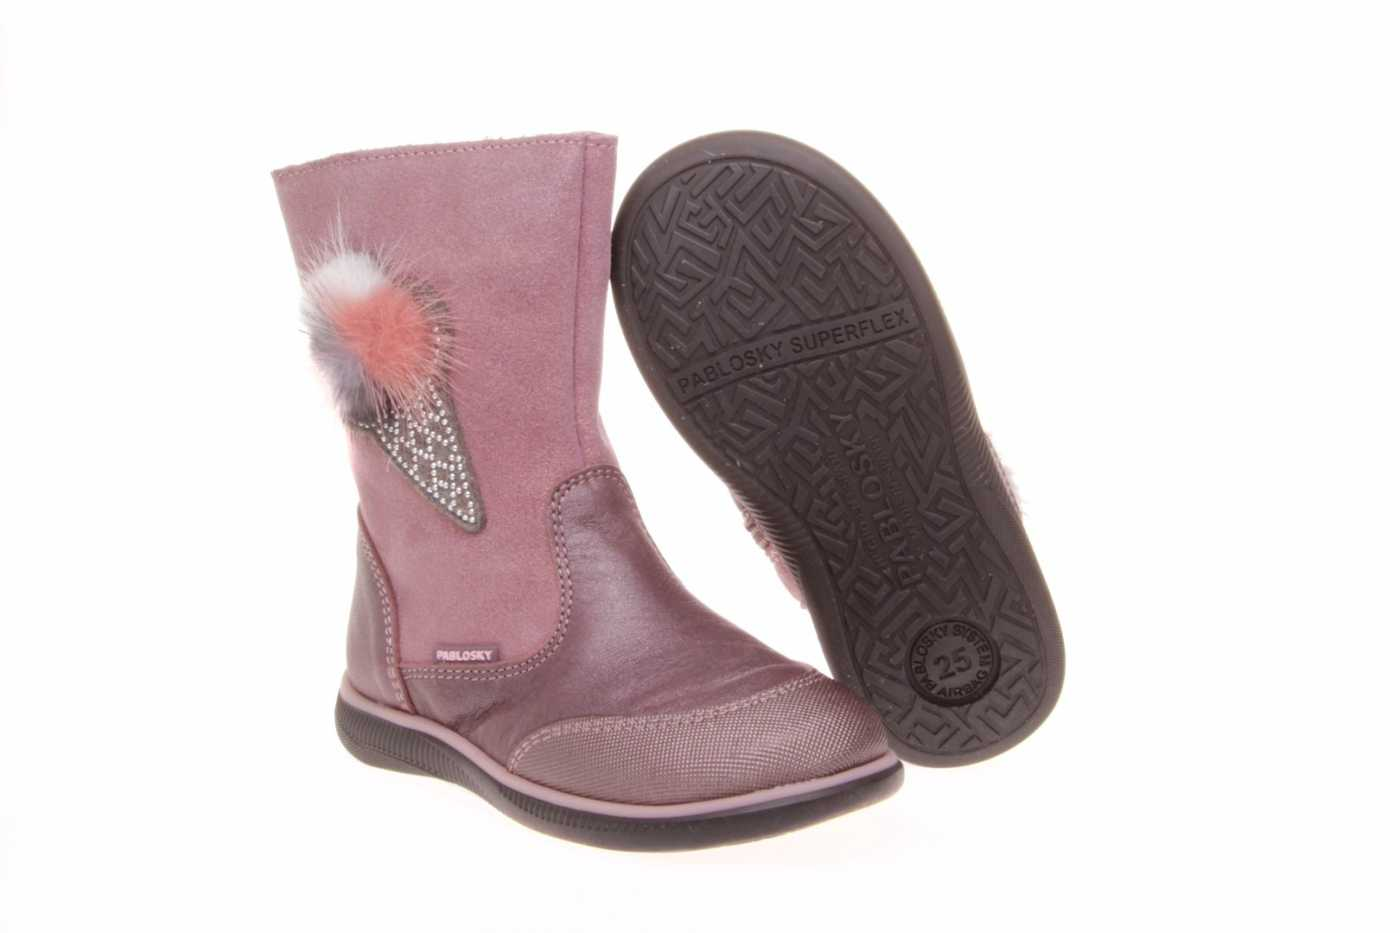 64a372b14 Comprar zapato tipo JOVEN NIÑA estilo BOTINES-BOTA ALTA COLOR ROSA ...